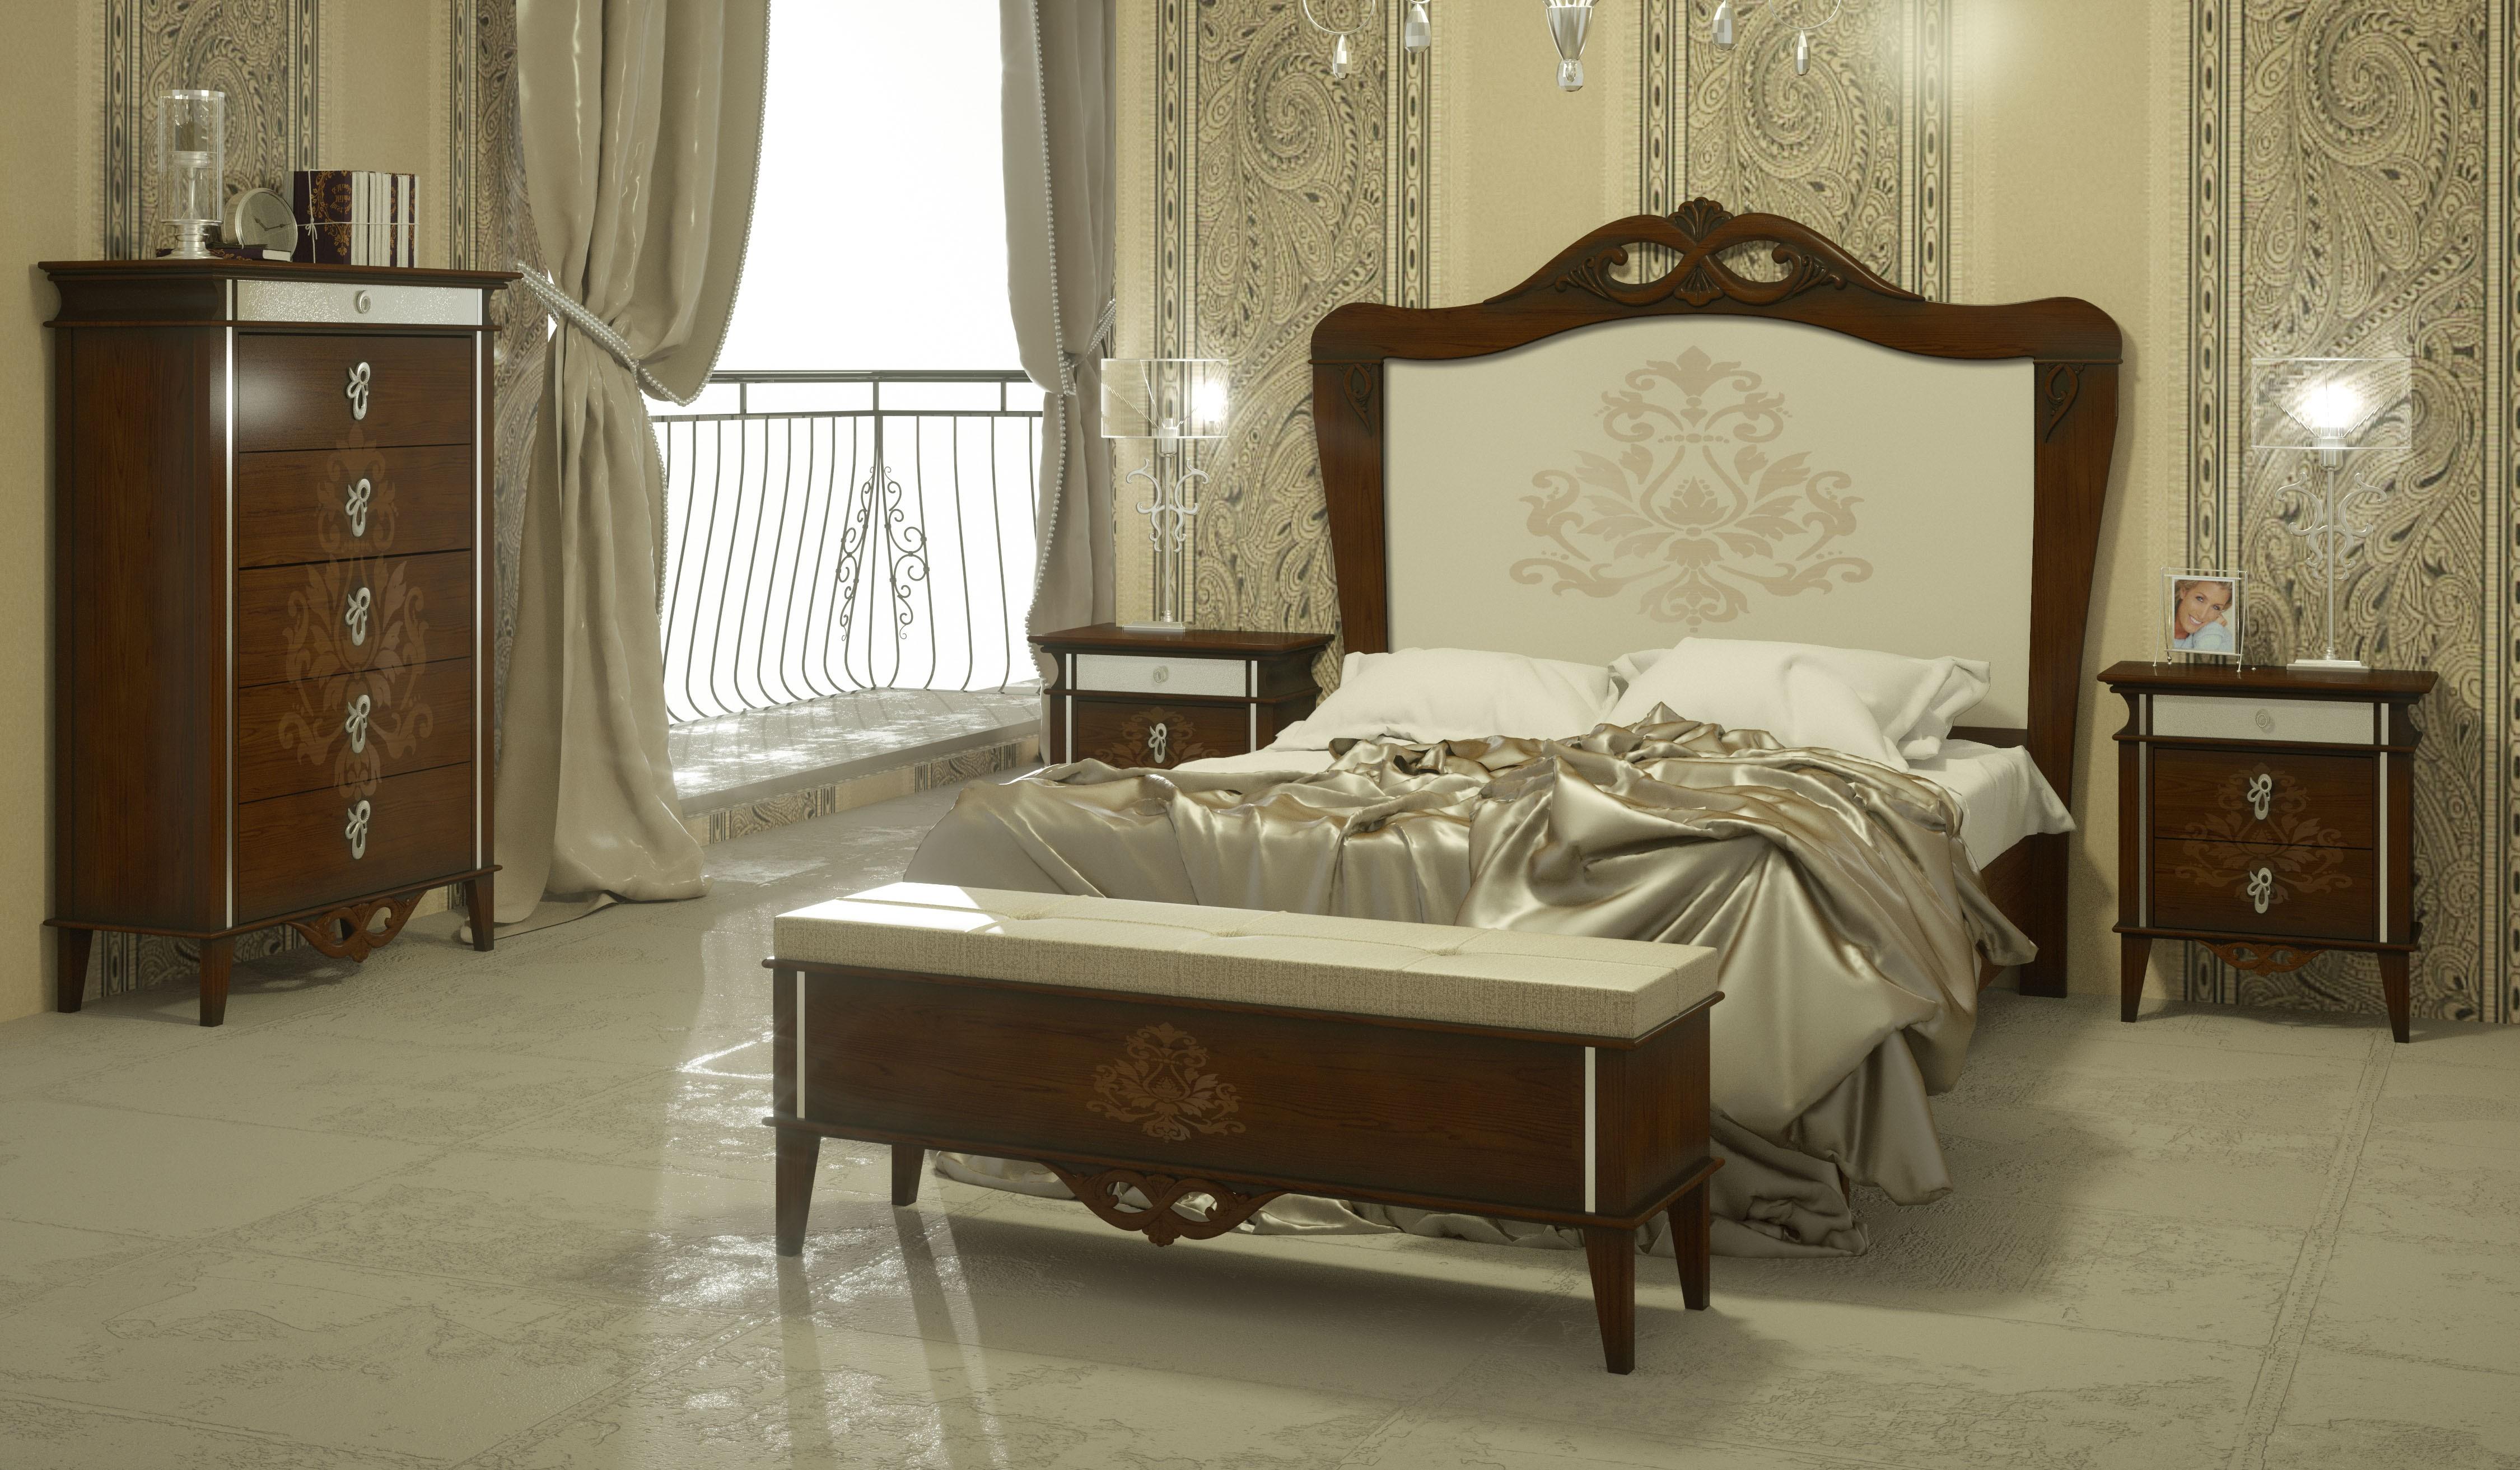 Neocl Sicos Dormitorios Muebles # Muebles Neoclasicos Modernos